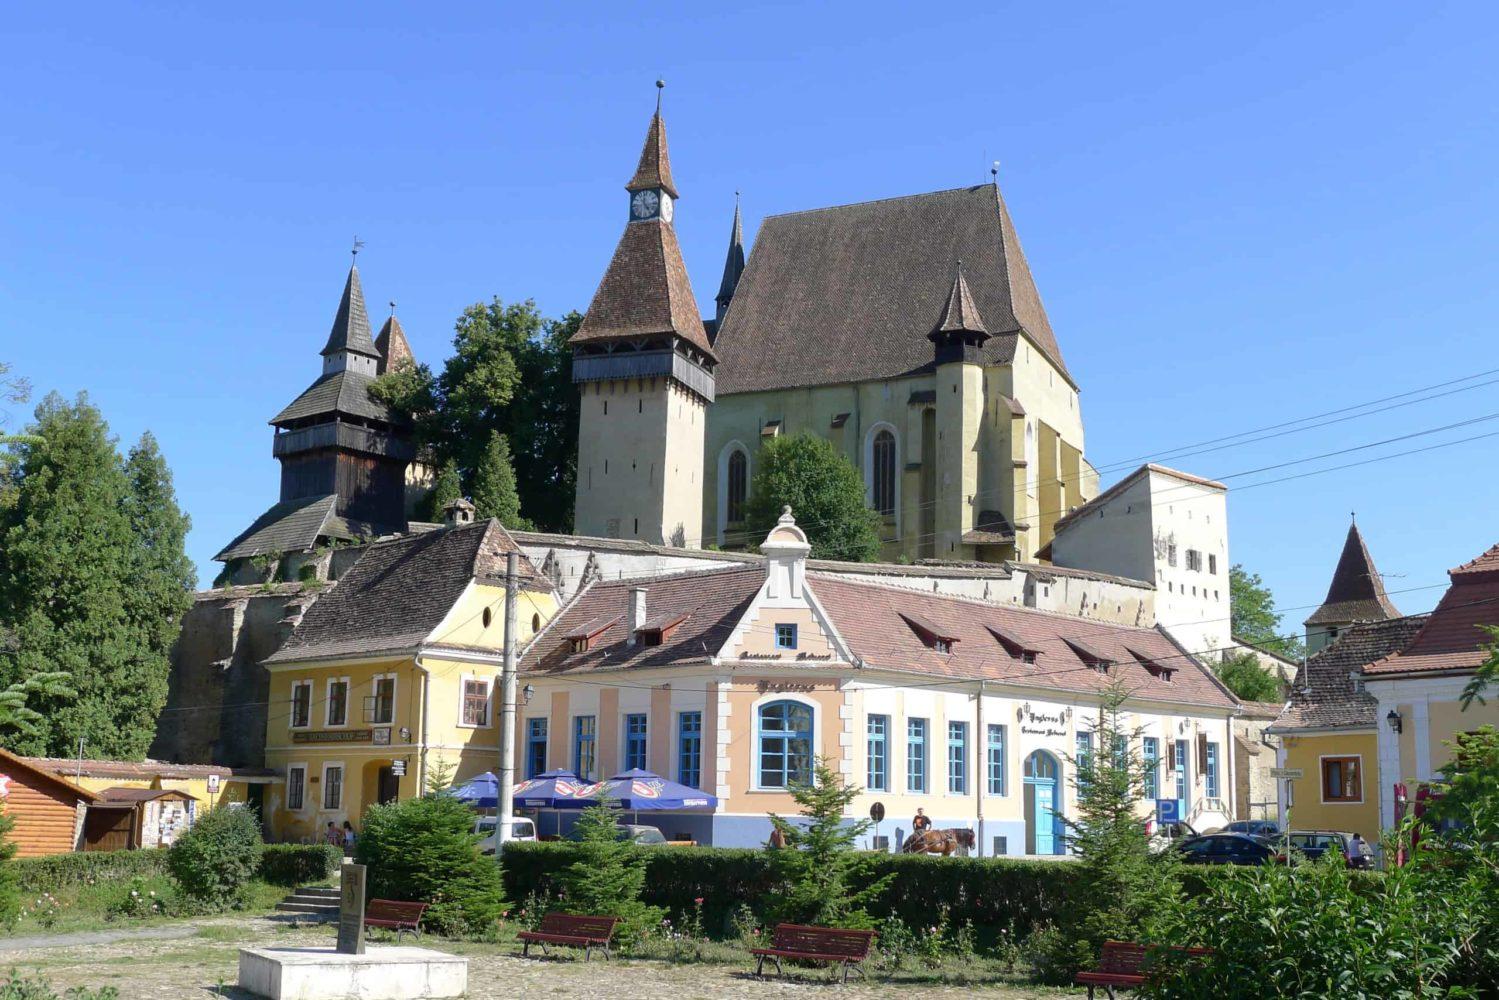 Kościół w Biertan, Transylwania